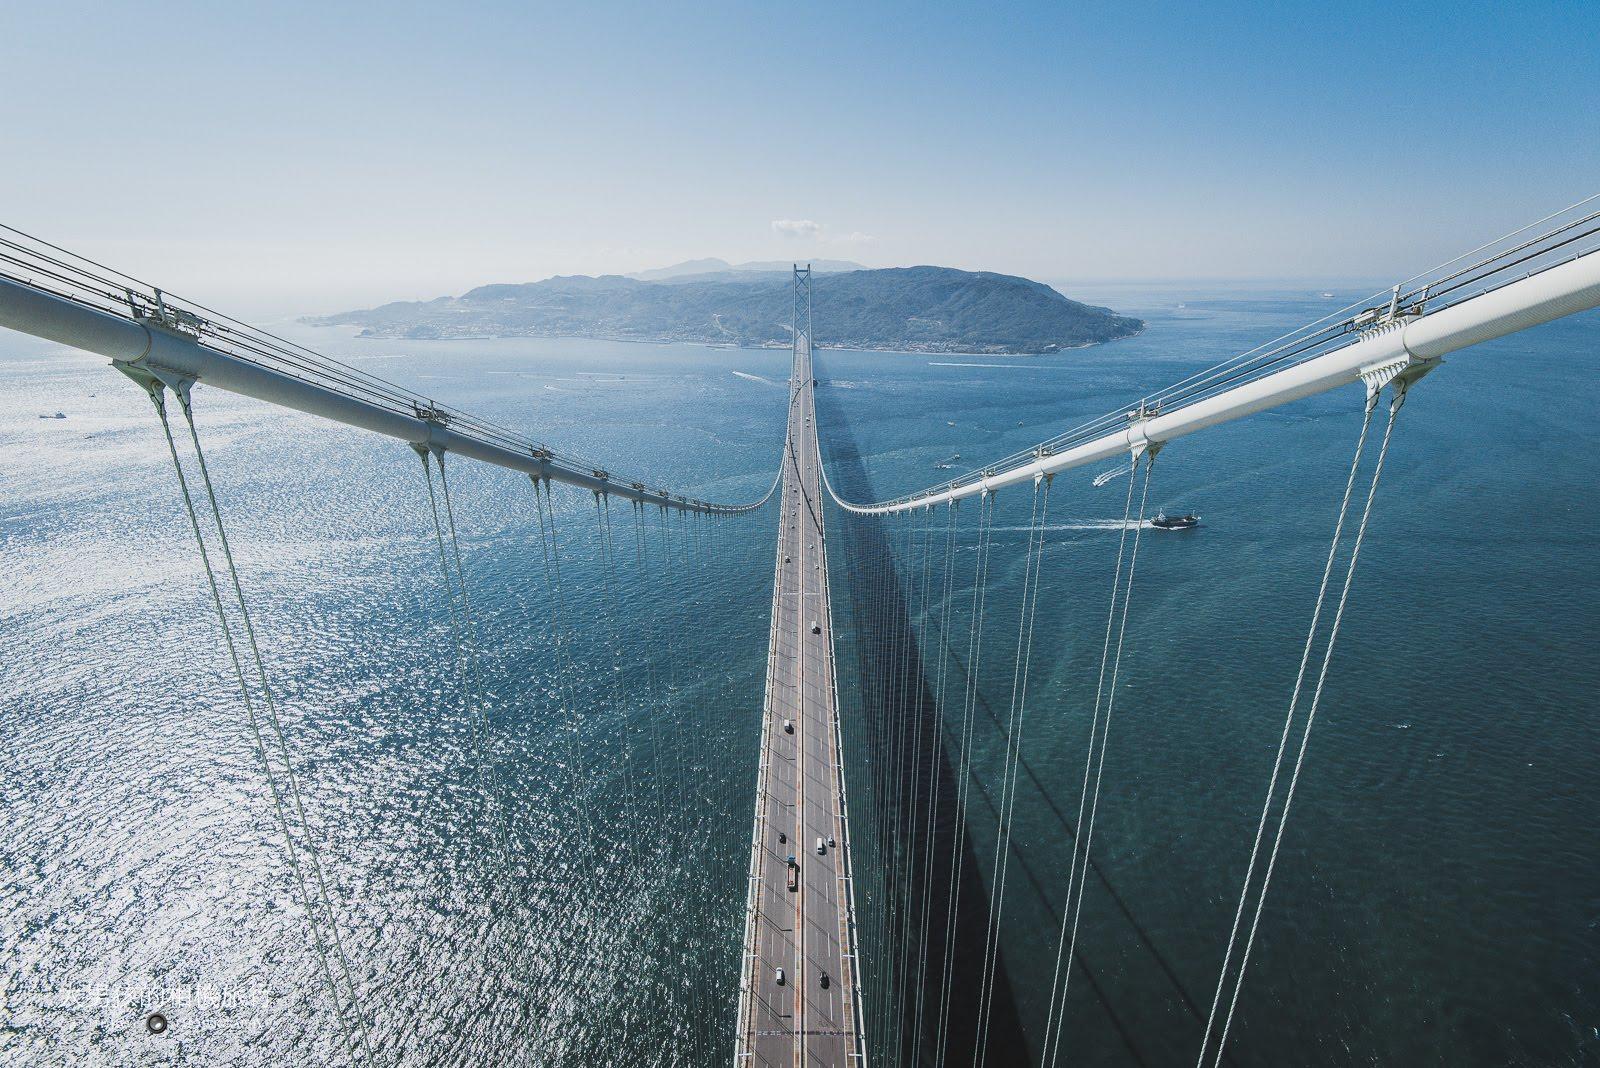 參加明石海峽大橋登頂體驗,可以挑戰自己登高的極限。